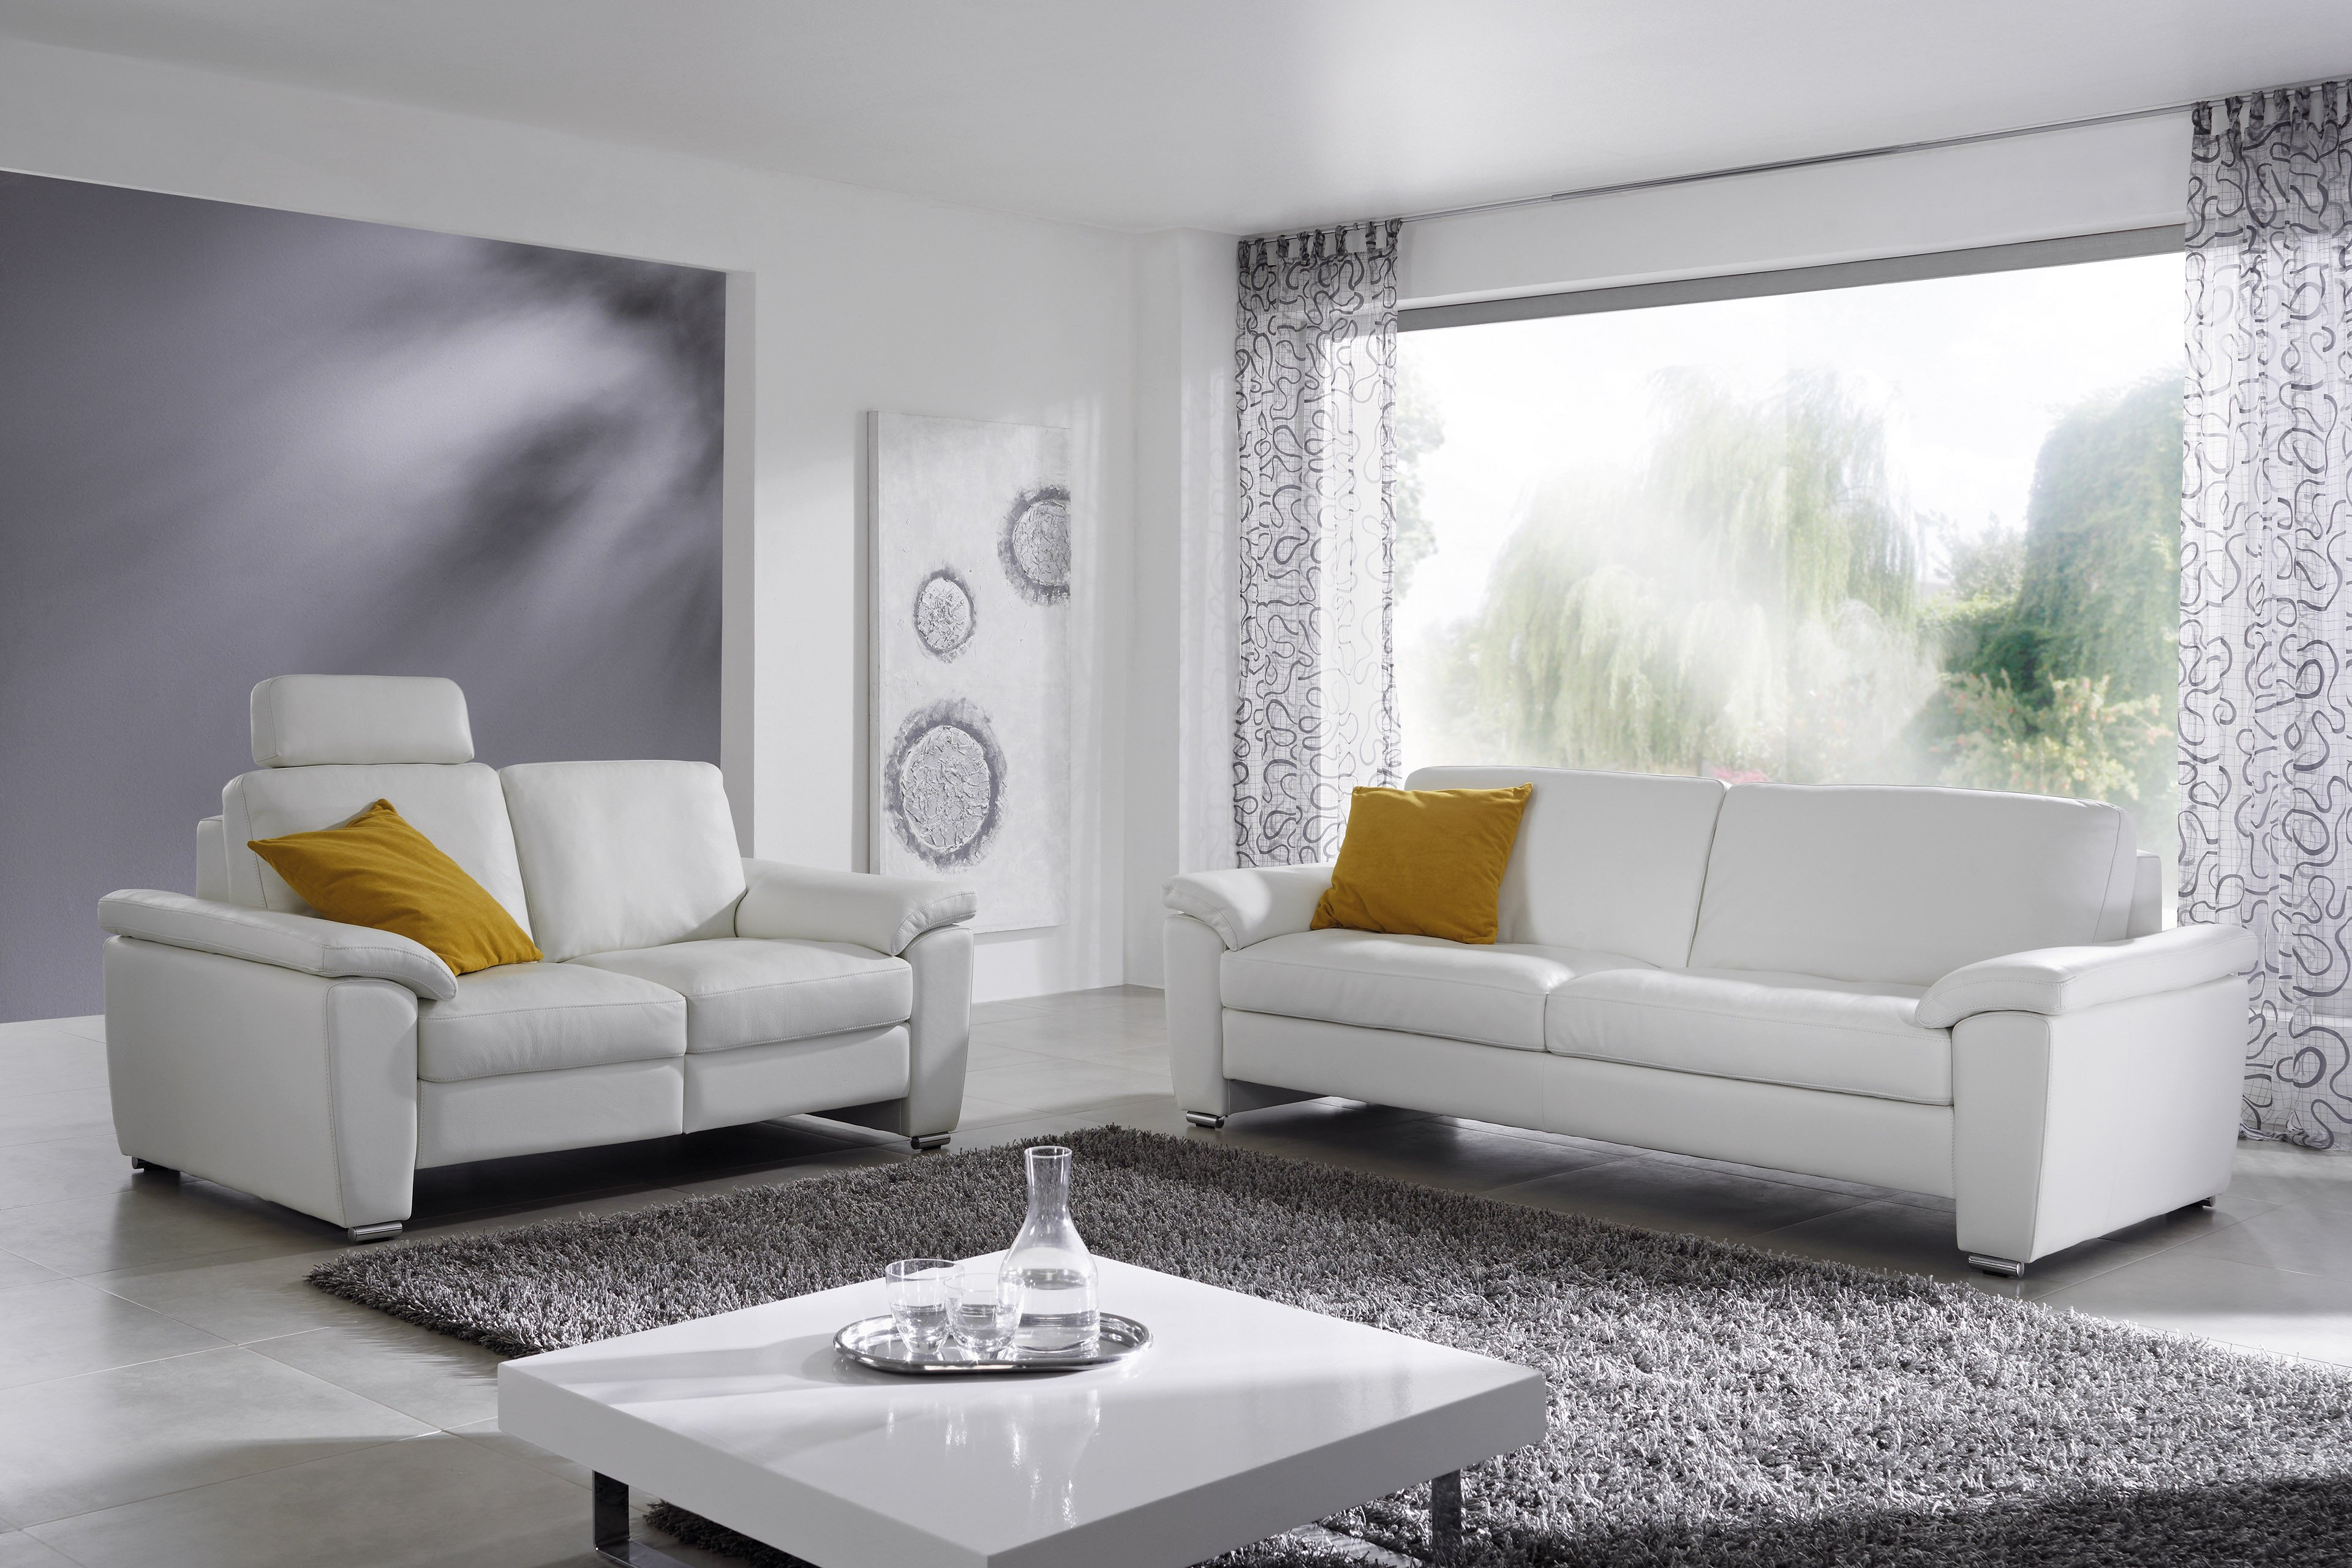 Dietsch Donna Ledergarnitur in Weiß | Möbel Letz - Ihr Online-Shop